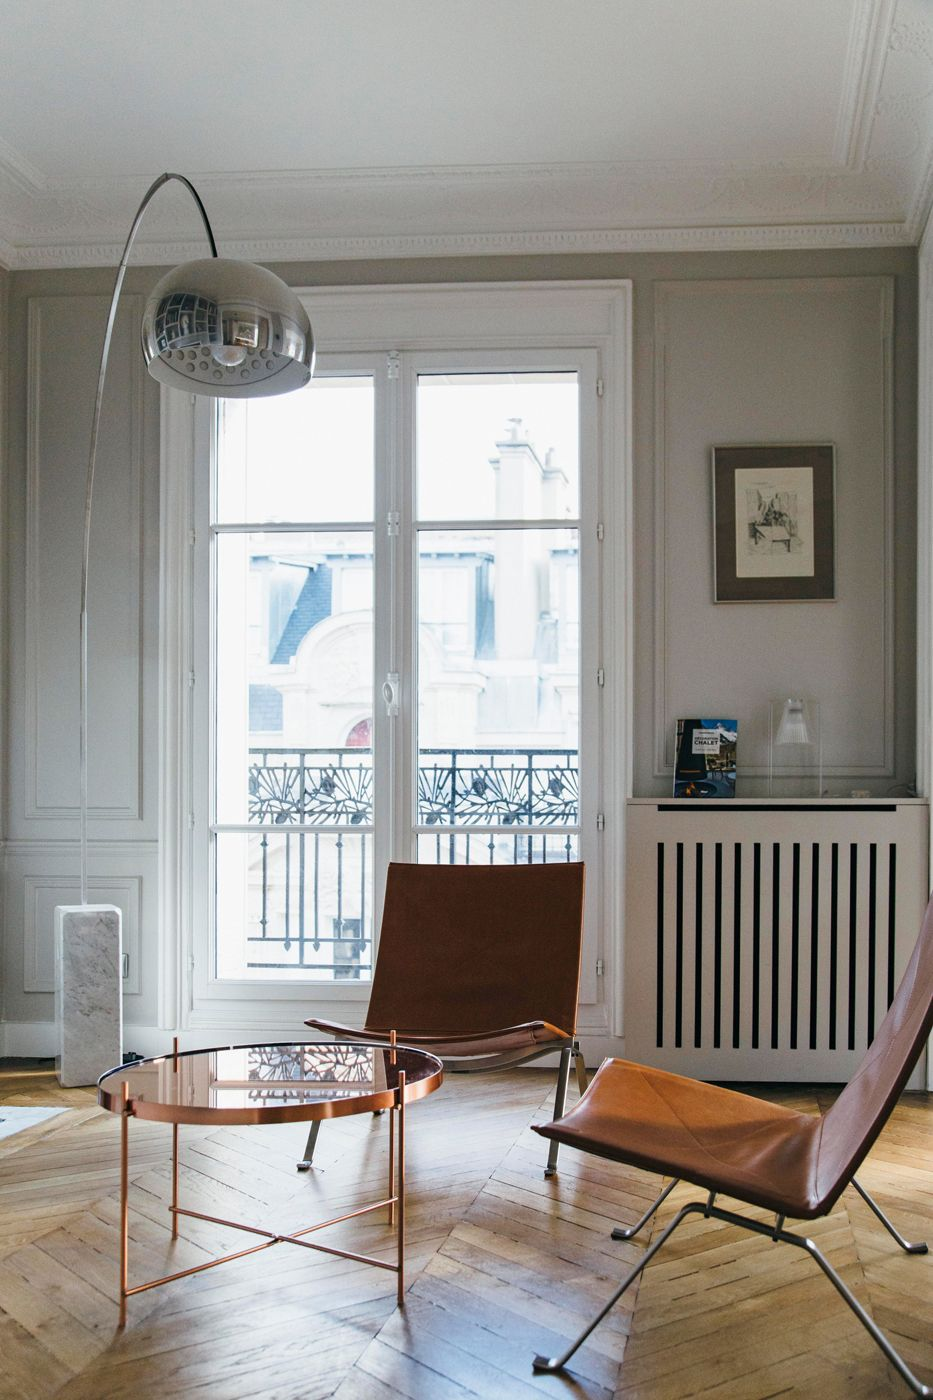 Reinventare un appartamento classico a Parigi (con